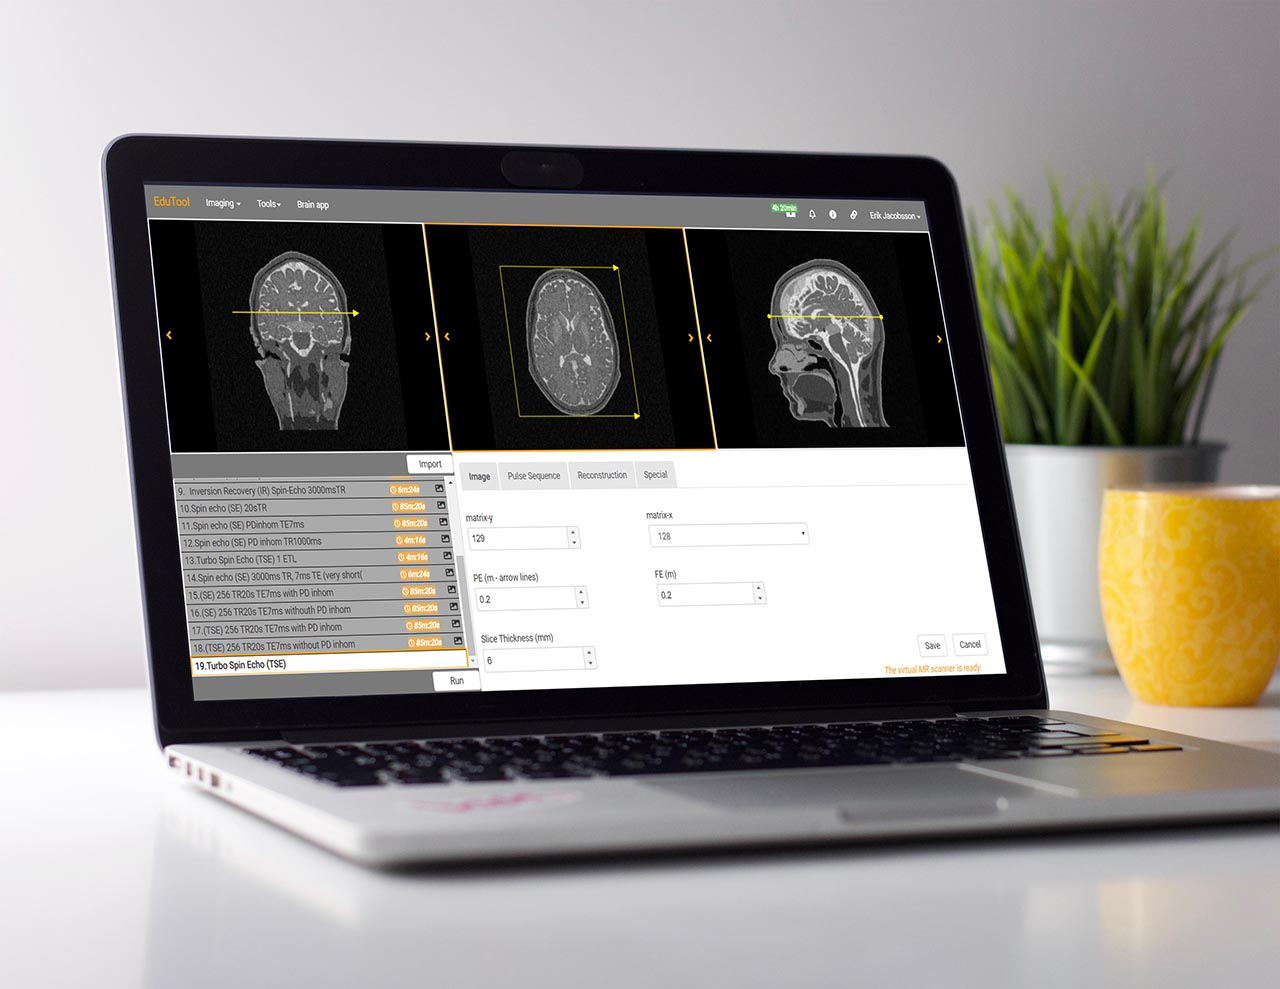 Corsmed MRI simulation platform